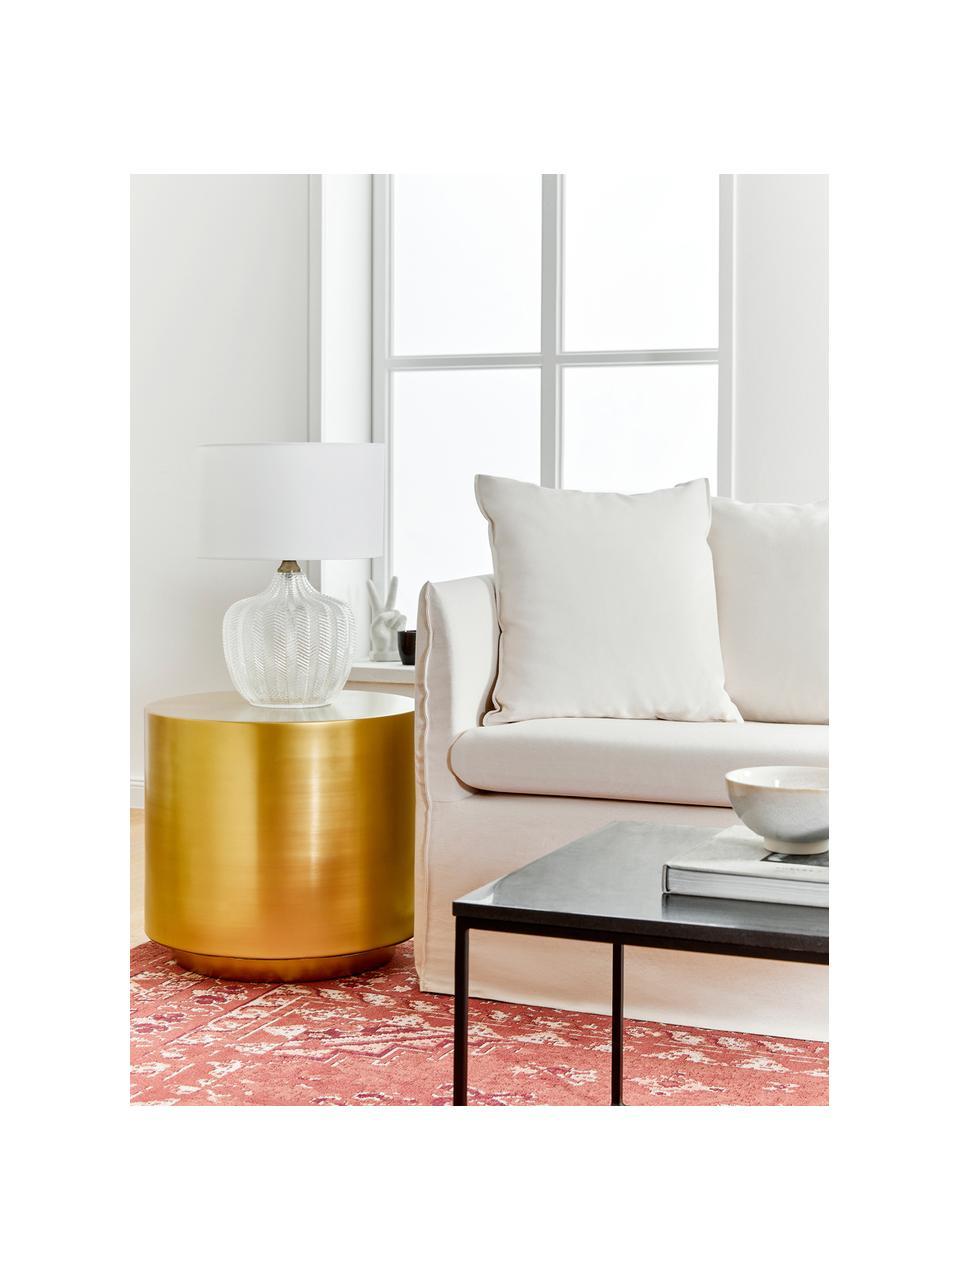 Lampada da tavolo con base in vetro Sue, Paralume: tessuto, Base della lampada: vetro, metallo ottonato, Paralume: bianco Base della lampada: trasparente, ottone spazzolato, Ø 33 x Alt. 47 cm